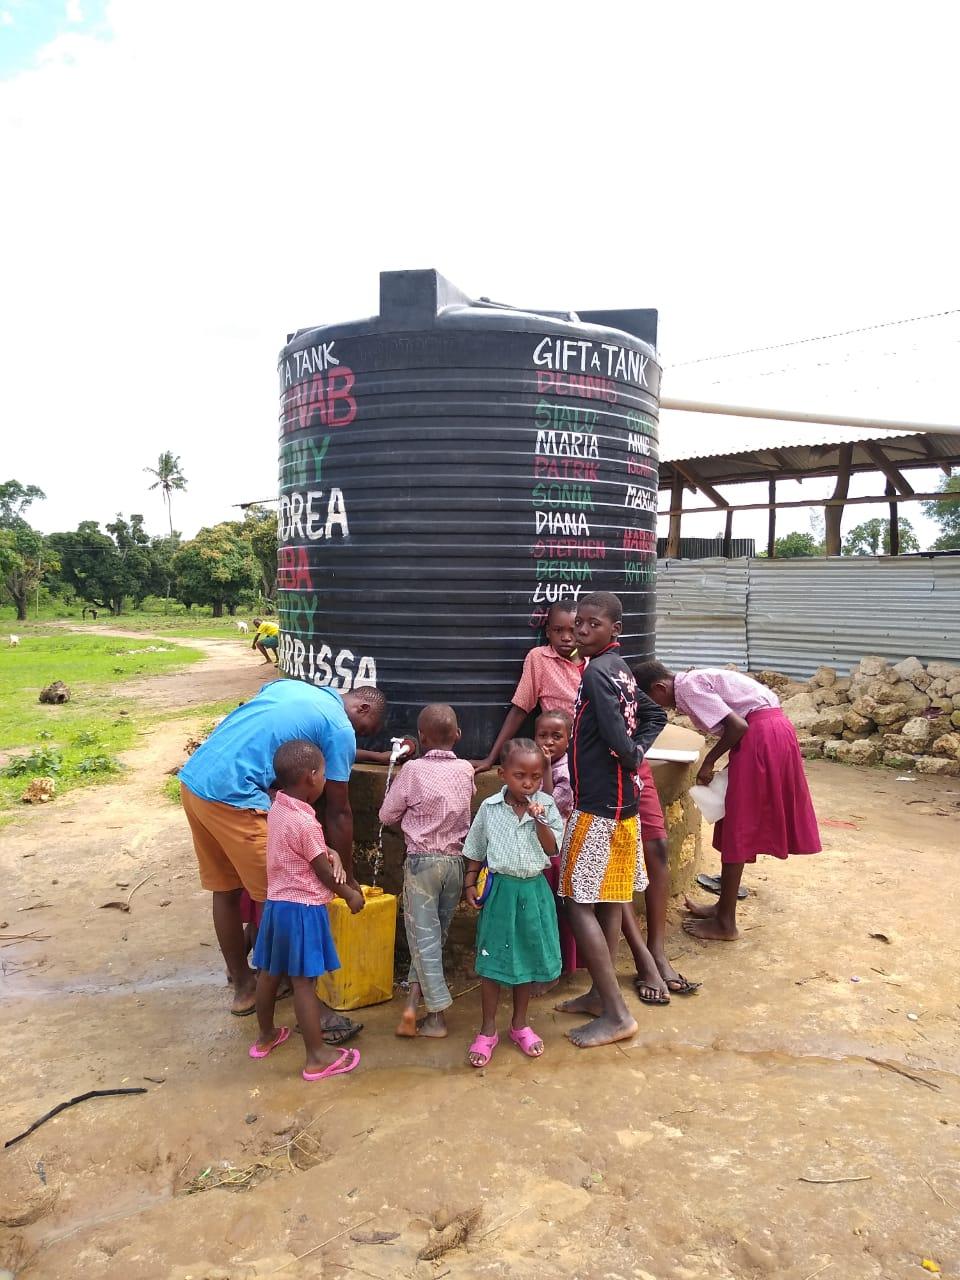 Die Verfügbarkeit von Wasser fördert nicht nur die Hygiene in der Schule, sondern auch das Zusammenleben